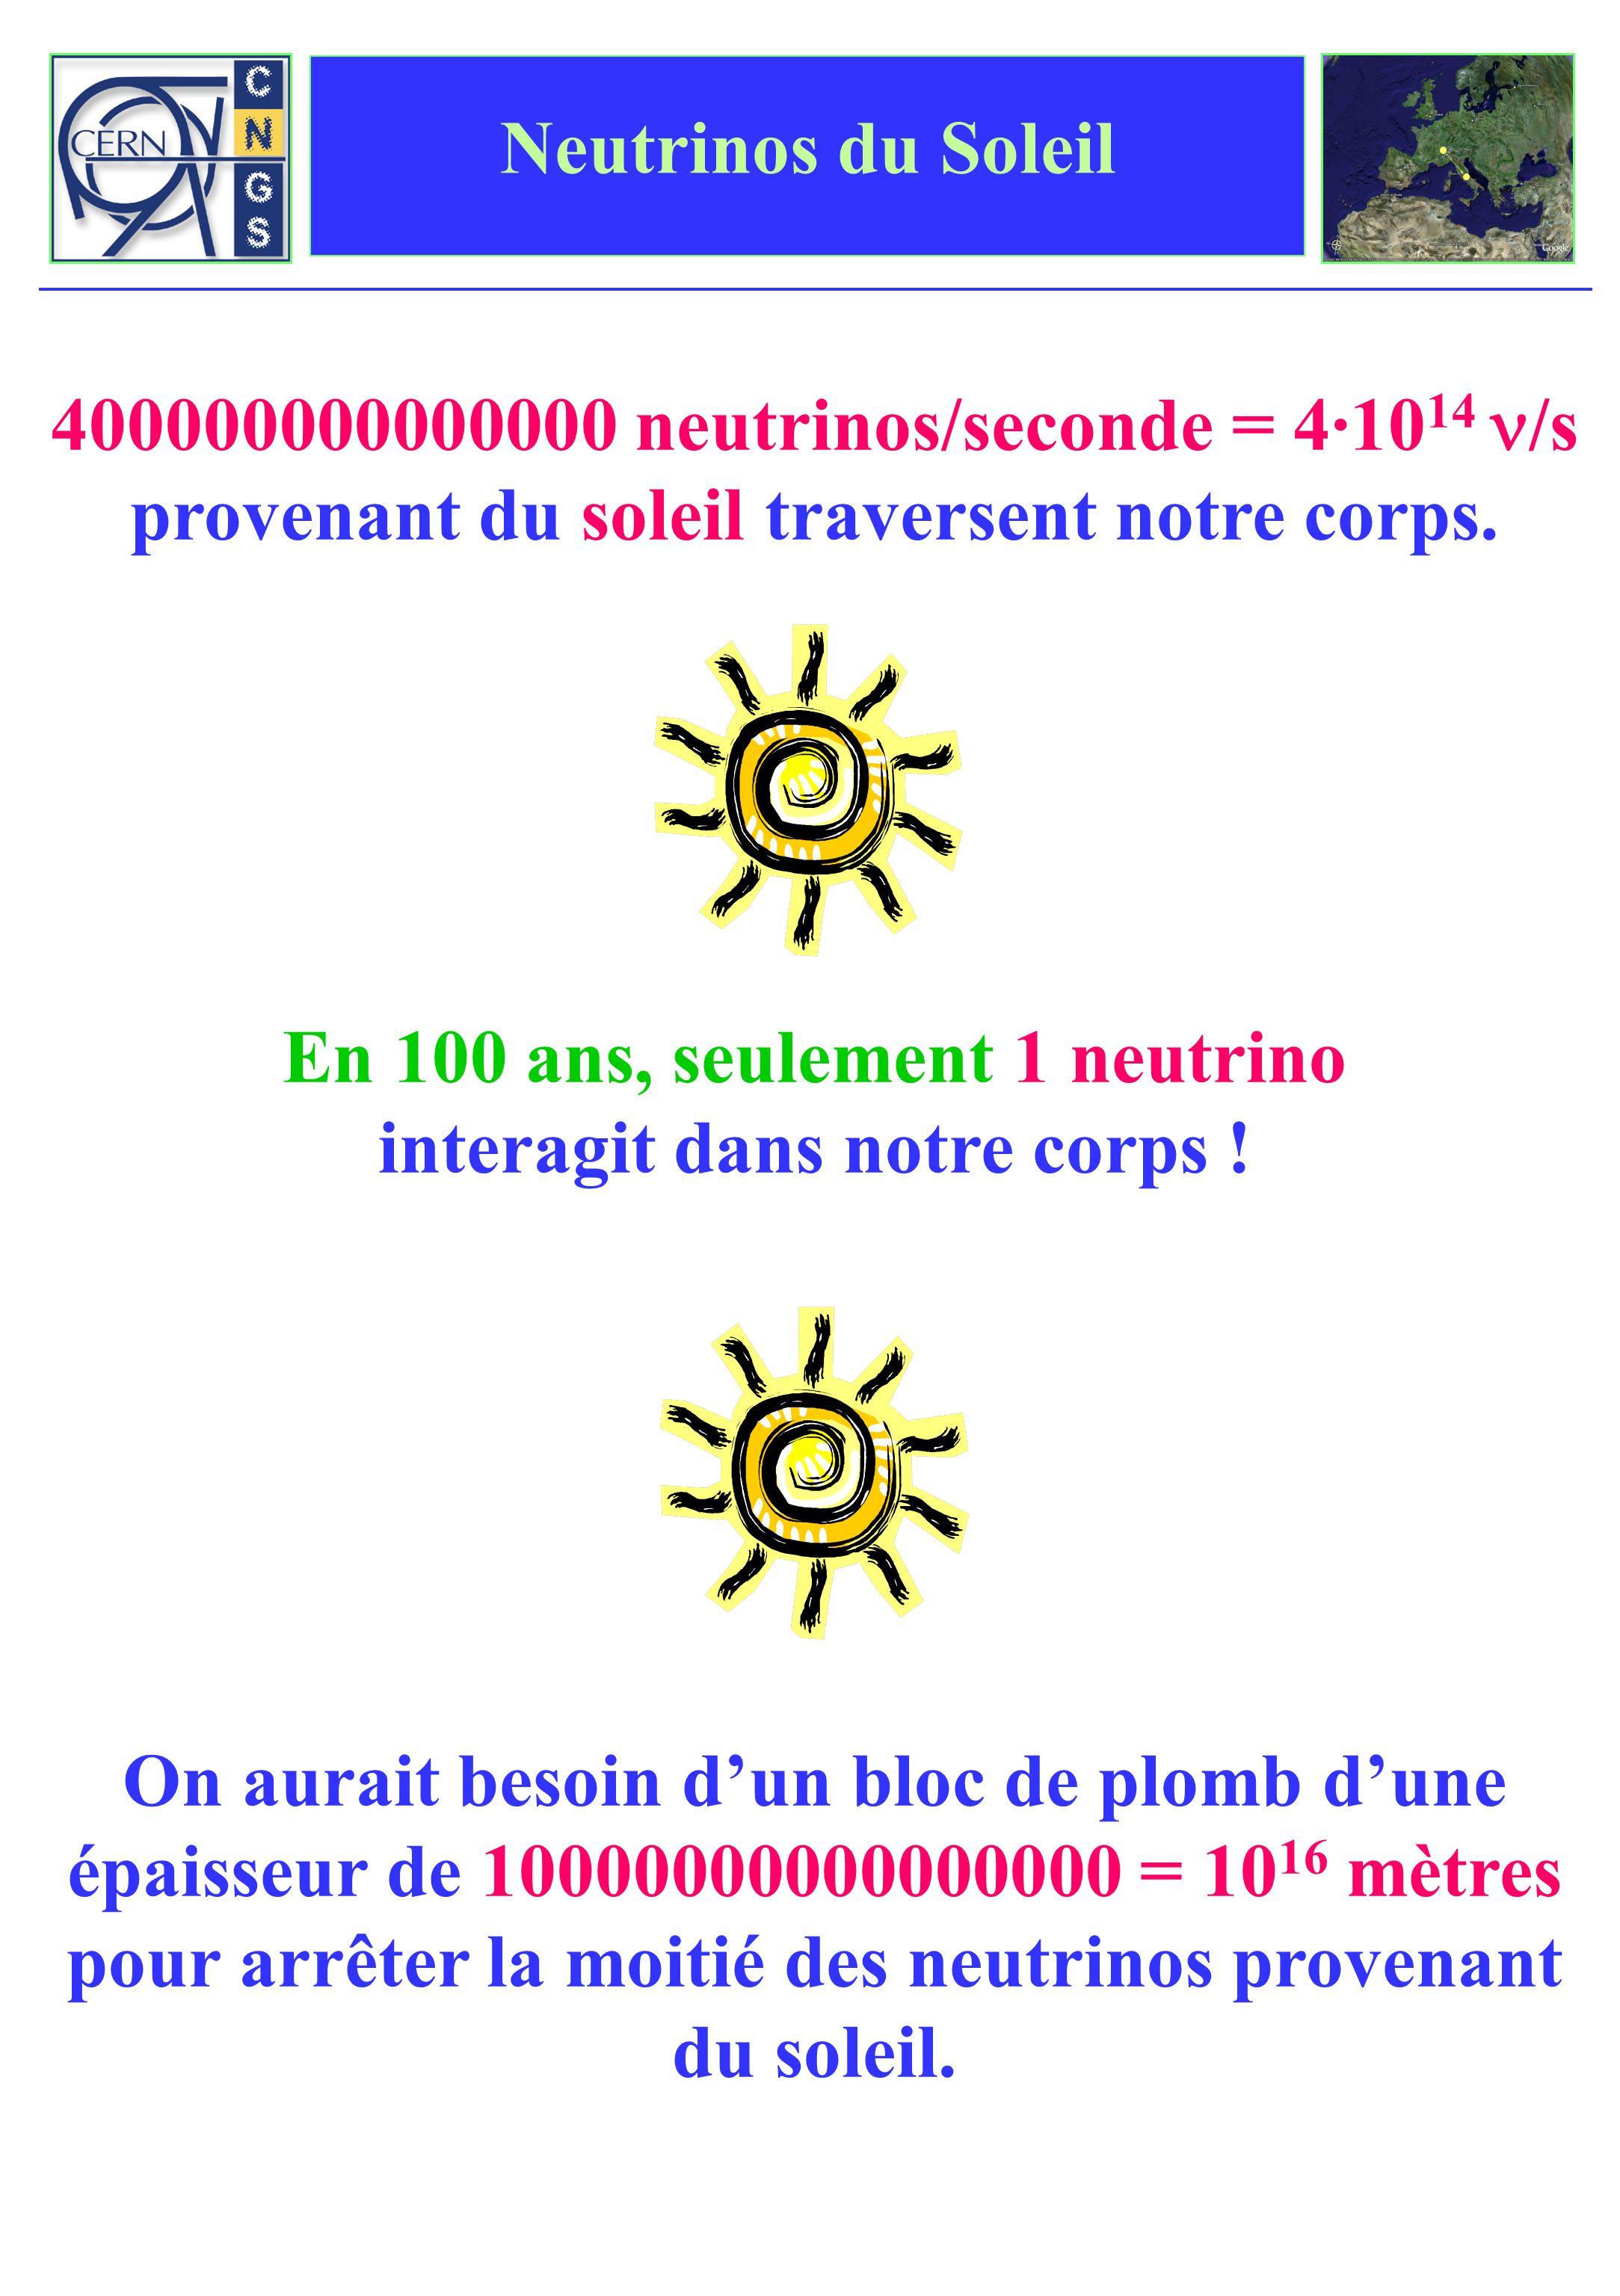 En 100 ans, seulement 1 neutrino interagit dans notre corps !